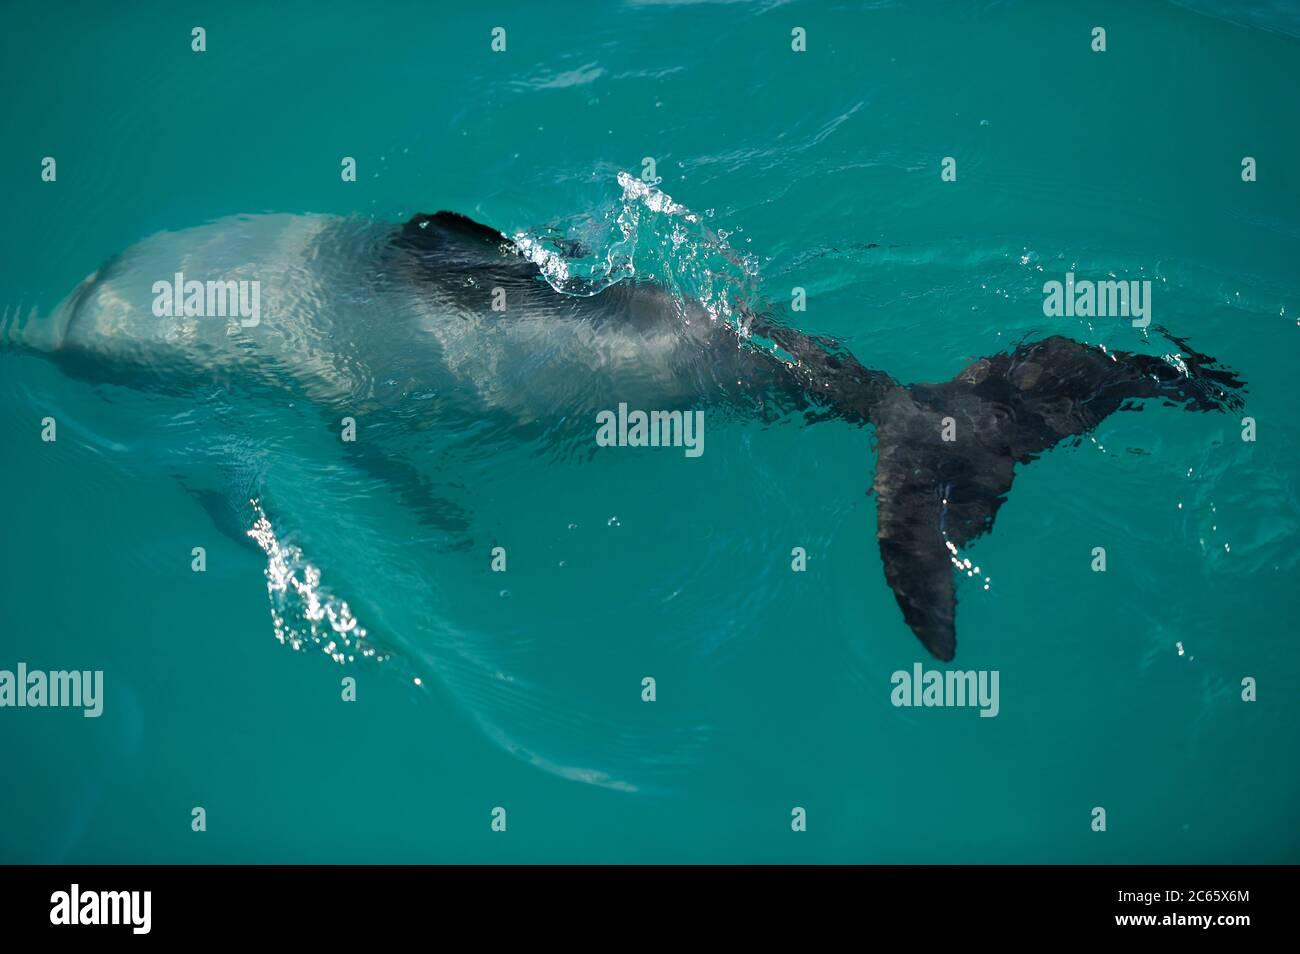 El delfín de Héctor (Cephalorhynchus hectori) es el único cetáceo endémico de Nueva Zelanda, Kaikoura South Island de Nueva Zelanda Foto de stock